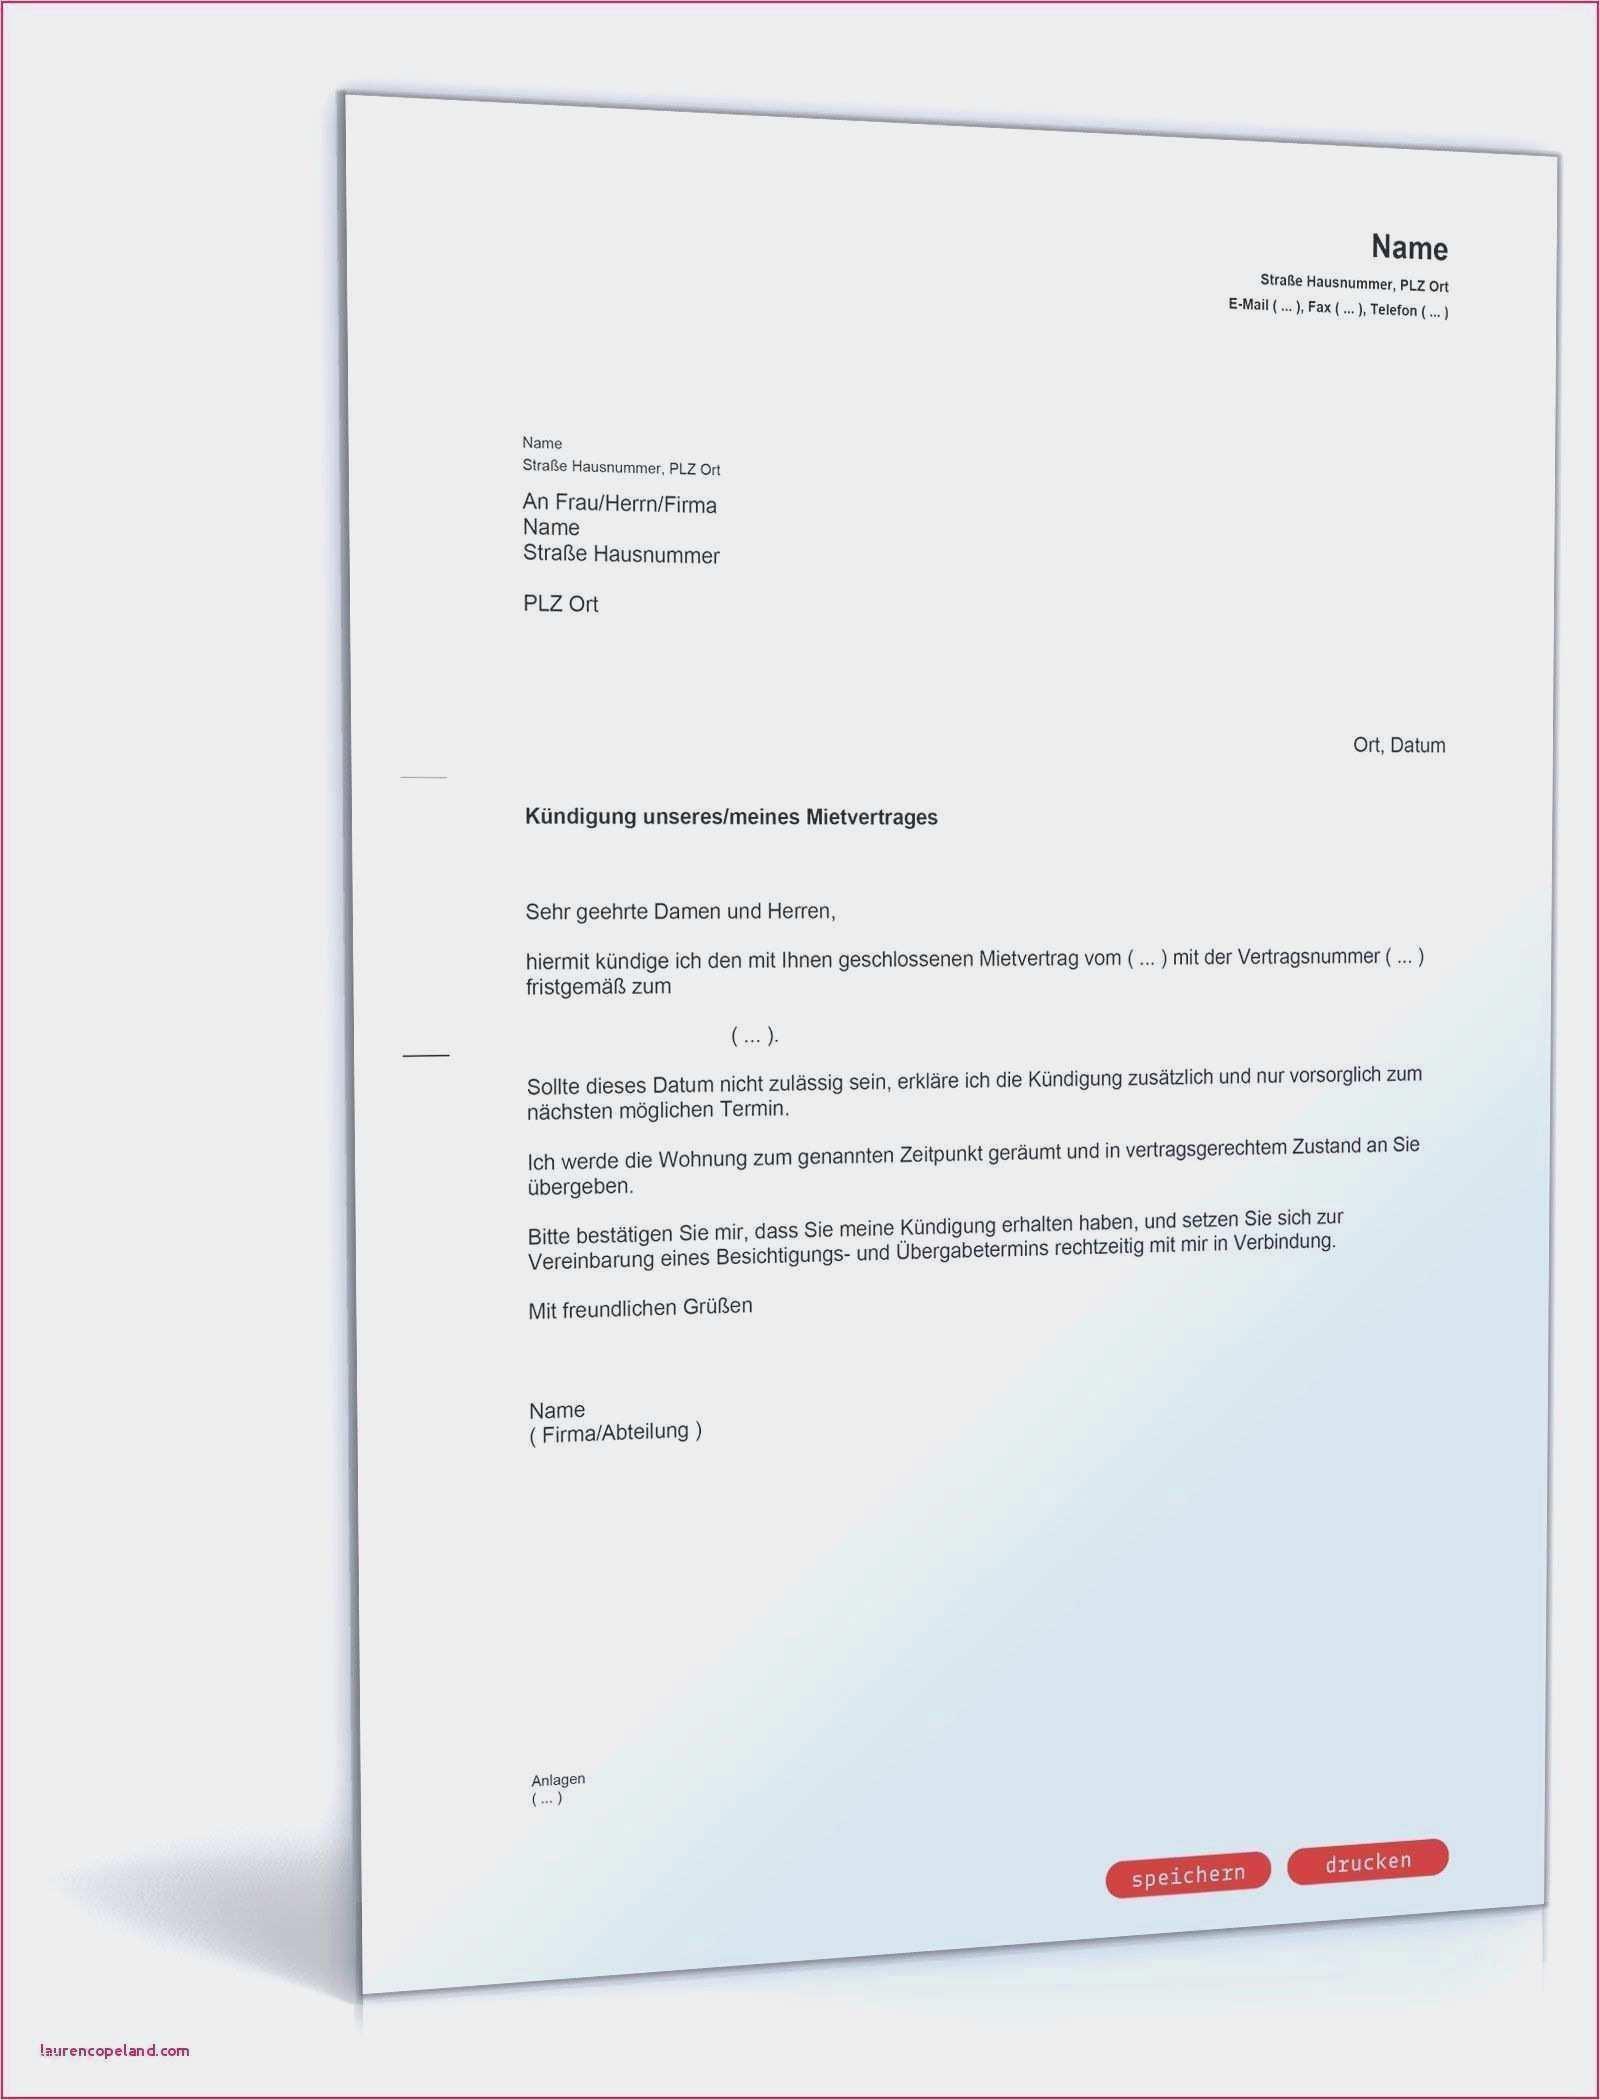 Best Of Versicherung Kundigen Vorlage Pdf Vorrate Lebenslauf Vorlagen Word Empfehlungsschreiben